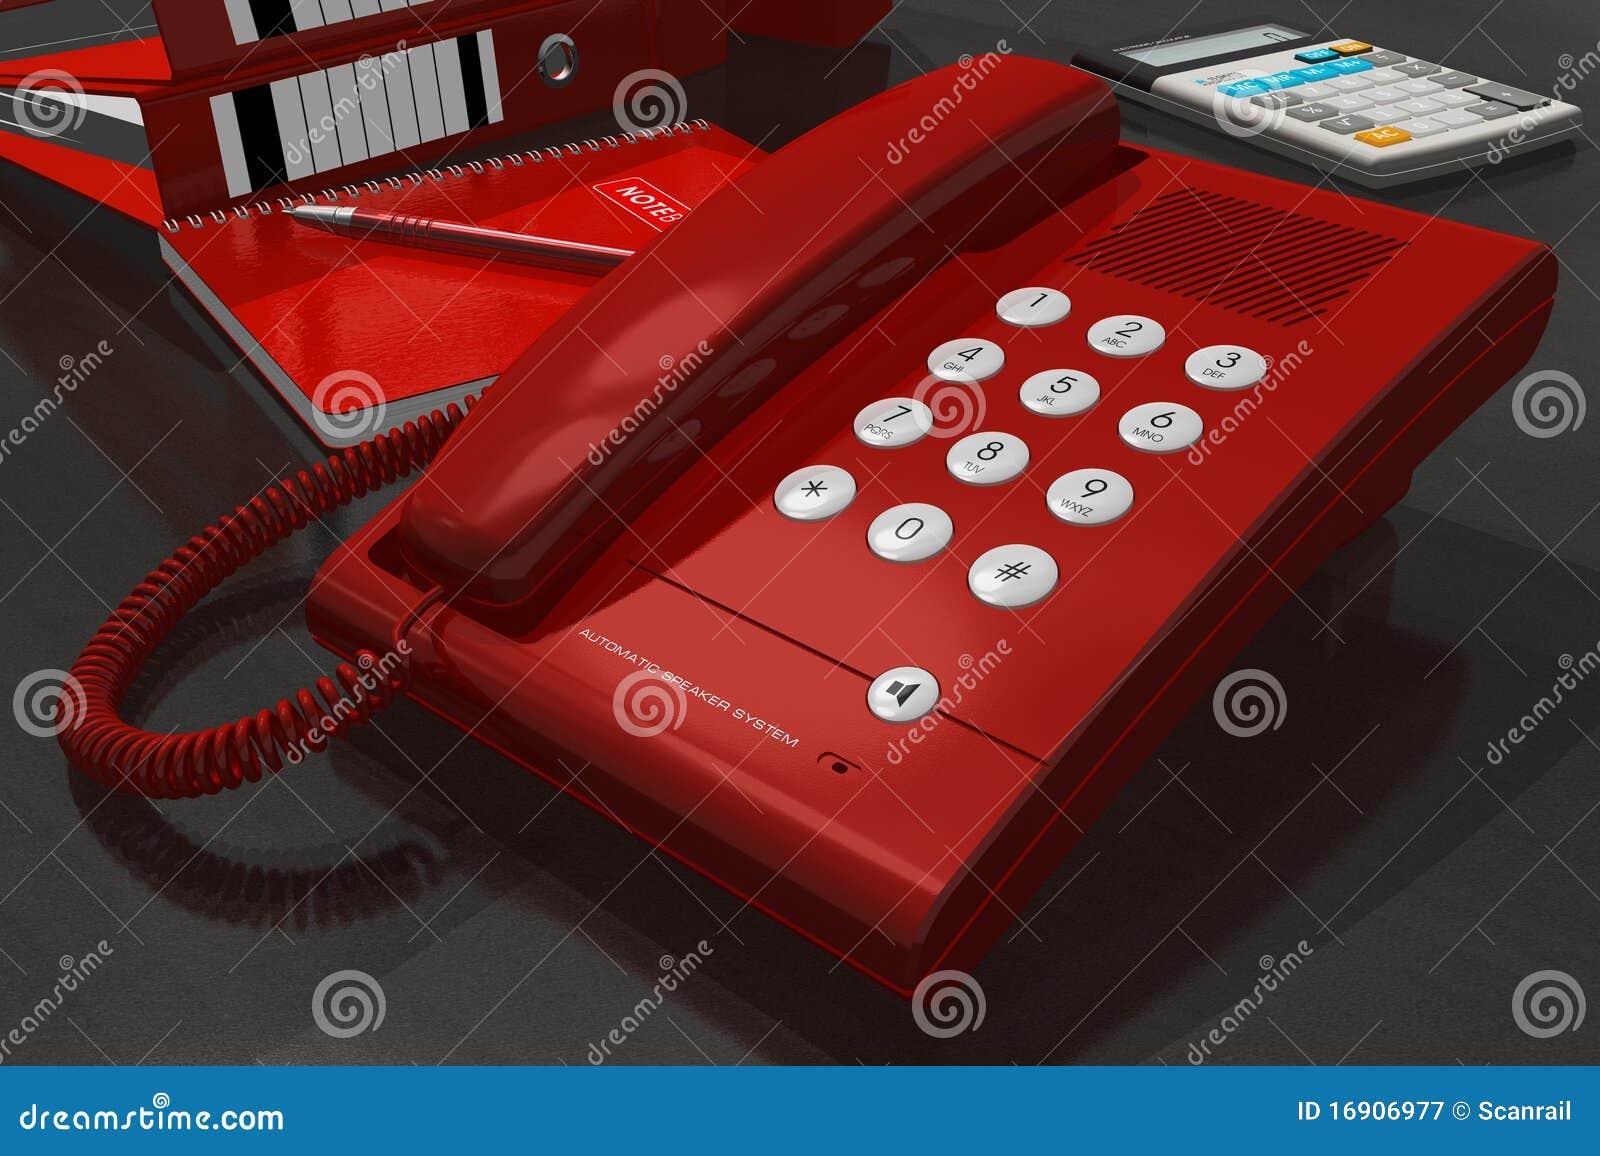 Tel fono rojo en el vector de la oficina fotograf a de for La oficina telefono